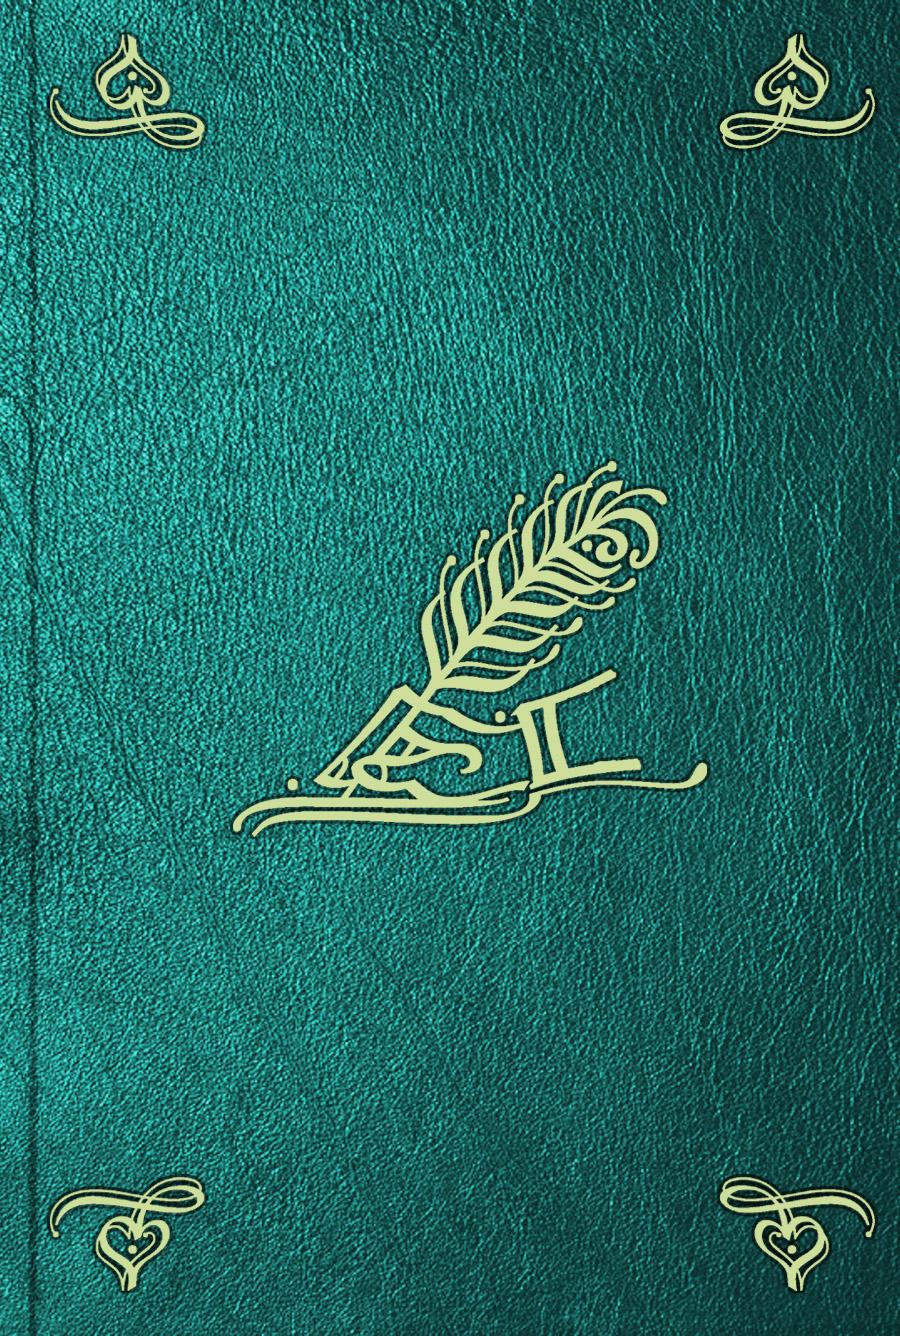 Comte de Buffon Georges Louis Leclerc Histoire naturelle. T. 5. Matieres generales comte de buffon georges louis leclerc oeuvres complètes t 3